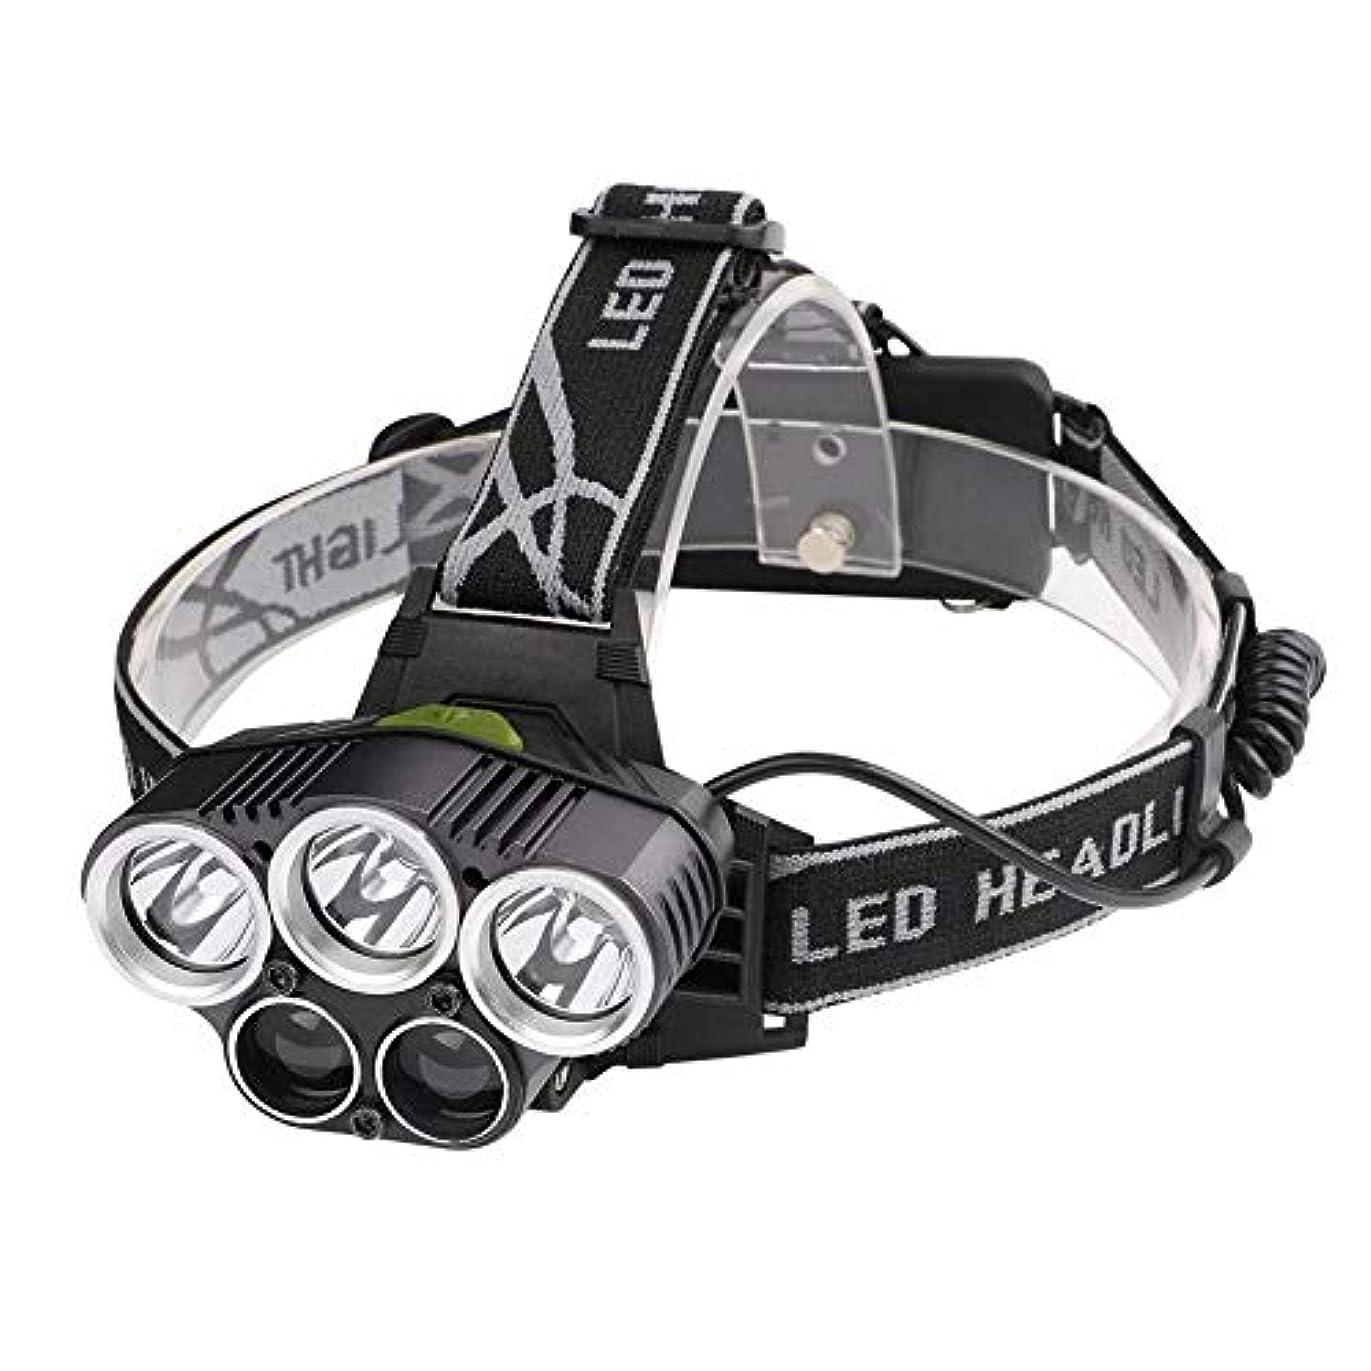 それに応じてゲストバージン(ラブリー) Lovely LED ヘッドライト ヘッドランプ 5灯式 2000ルーメン 防水 充電式 6段階モード 角度調節可能 登山 アウトドア 防災用 USB充電可能